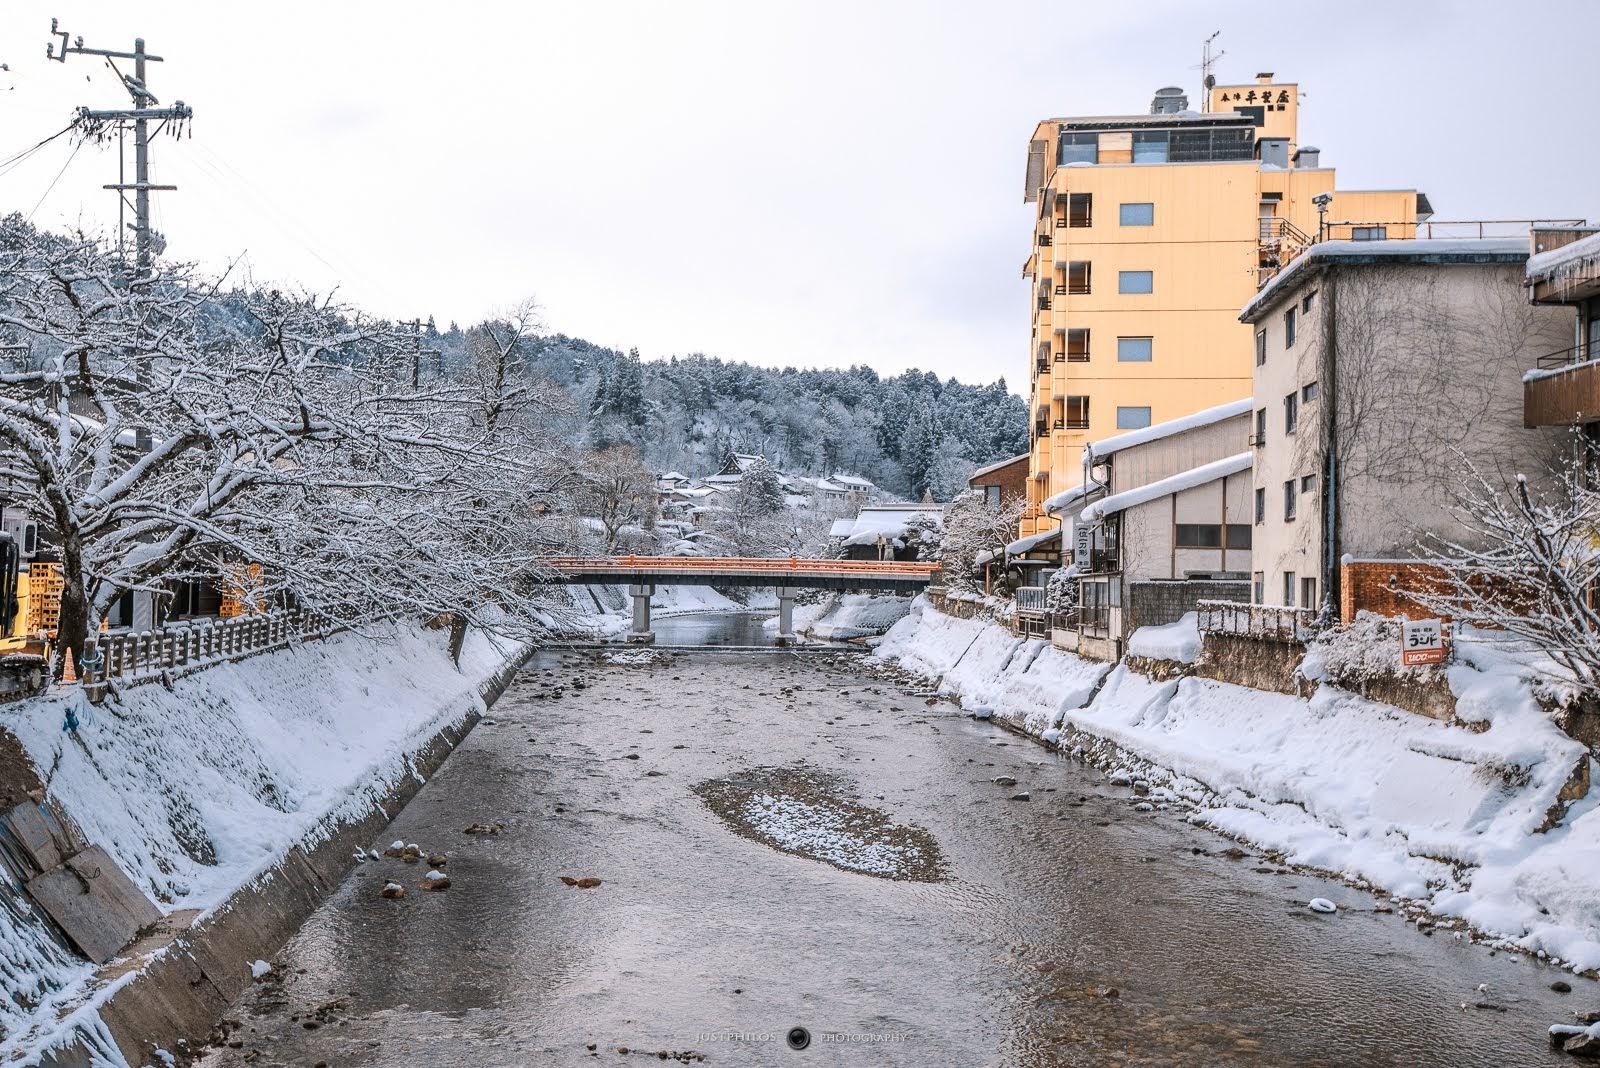 朝市旁的宮川兩側都擠滿白雪非常美麗,遠端是著名的紅橋。